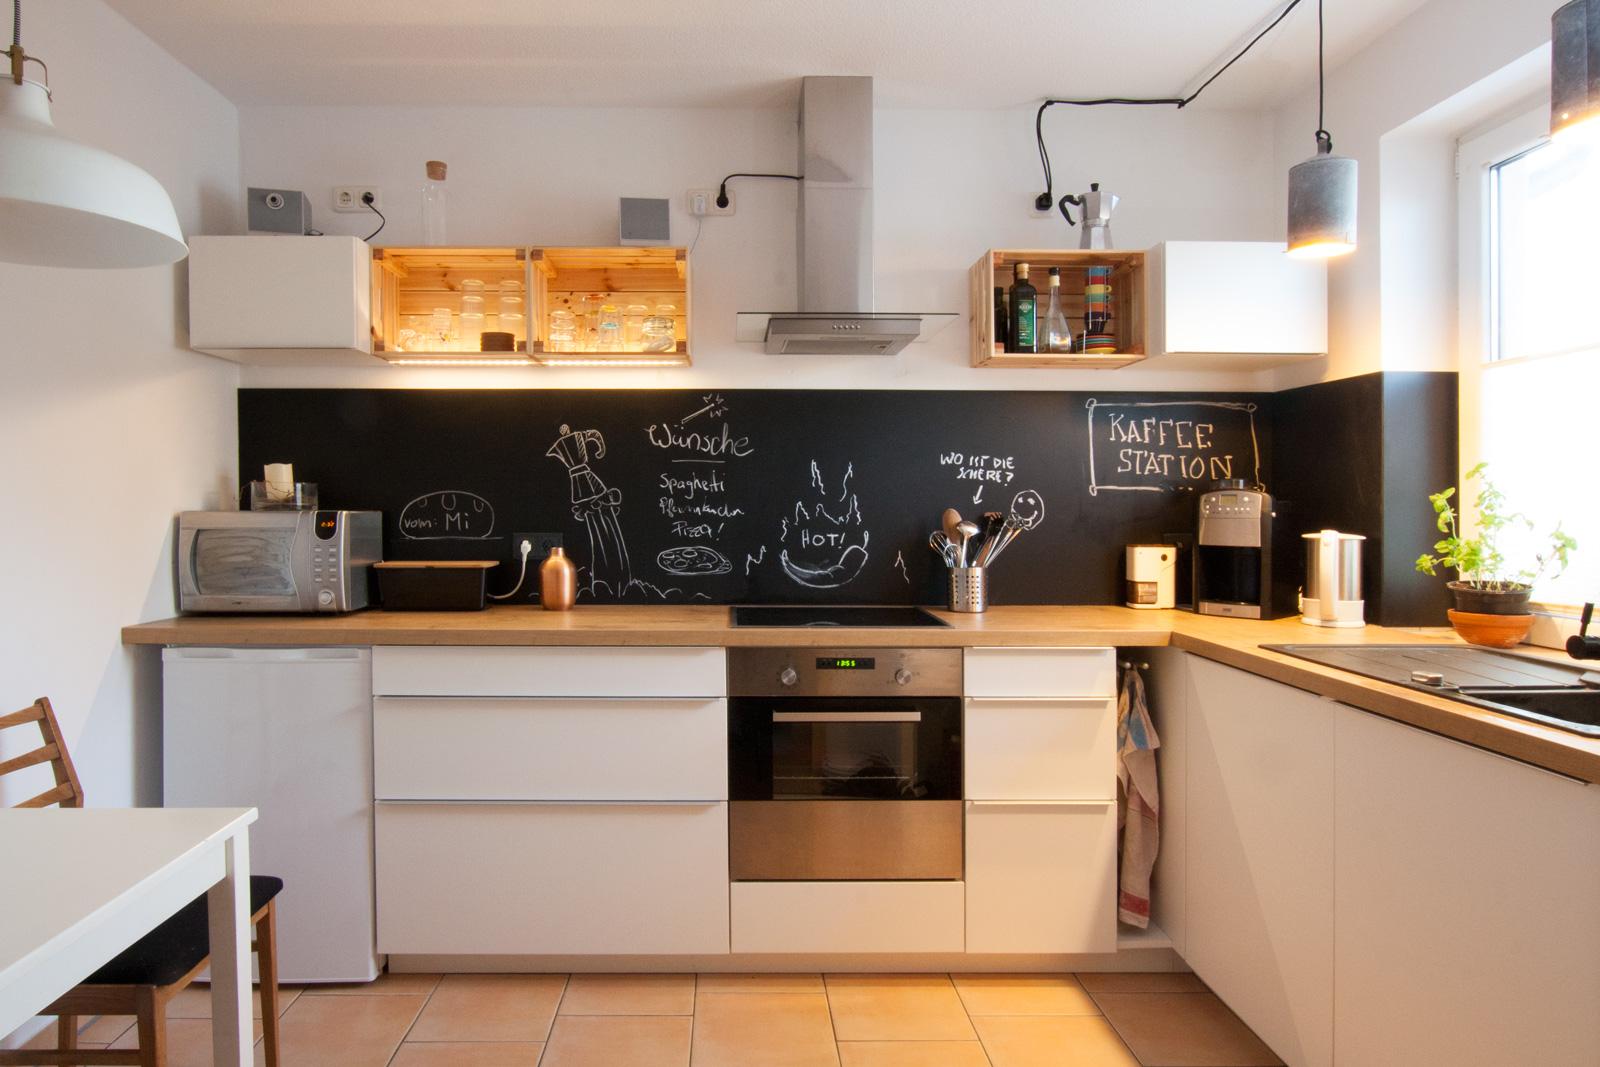 tischlerei rossnagel küche frontal licht